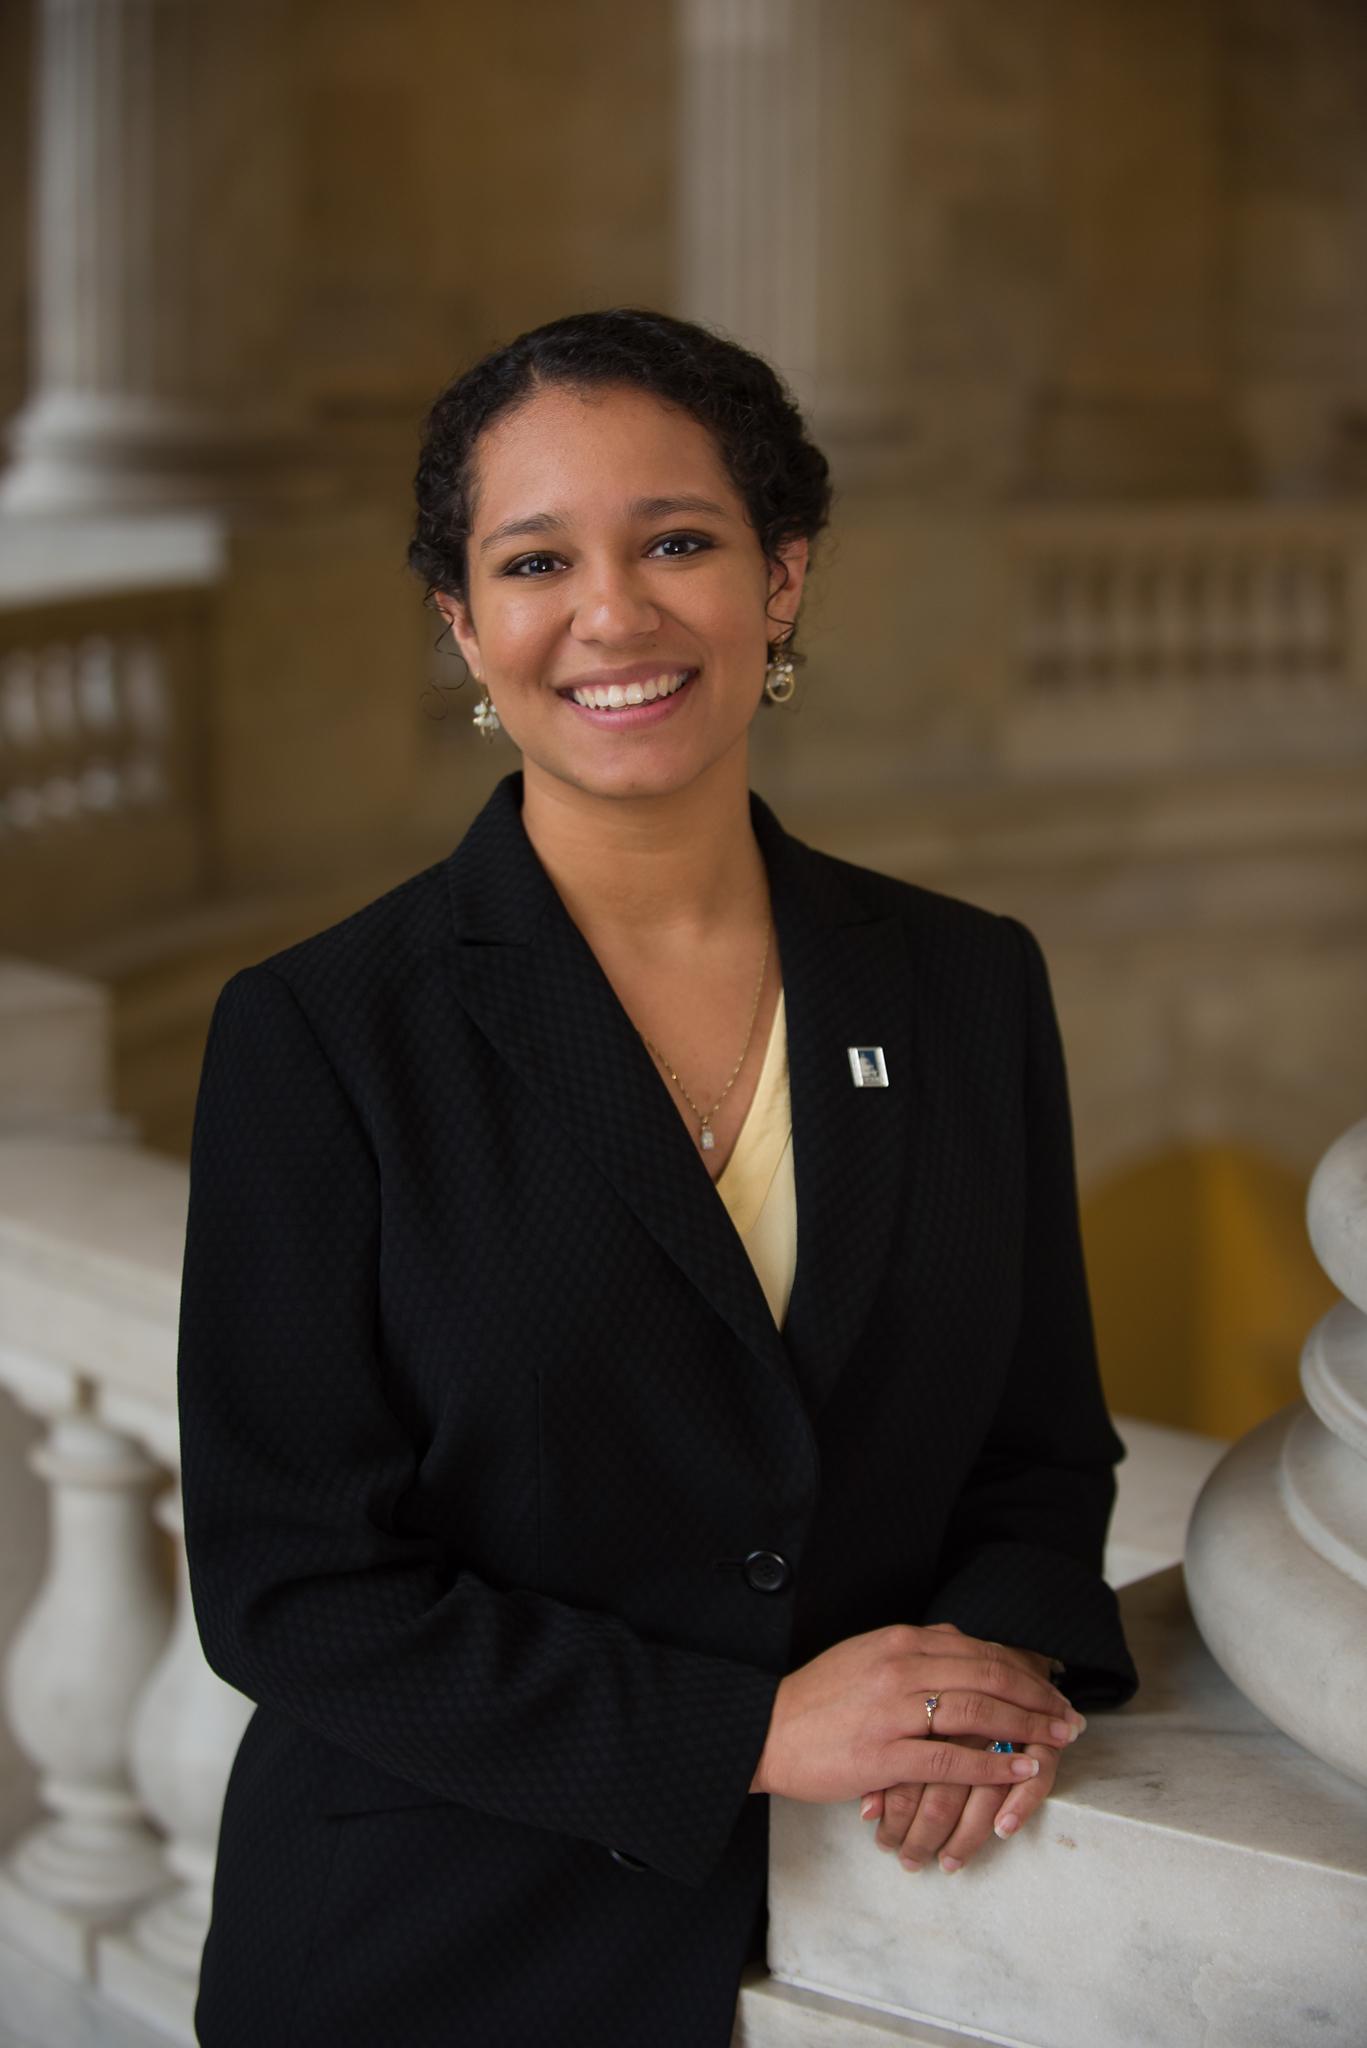 Portrait for the Congressional Hispanic Caucus Institute.